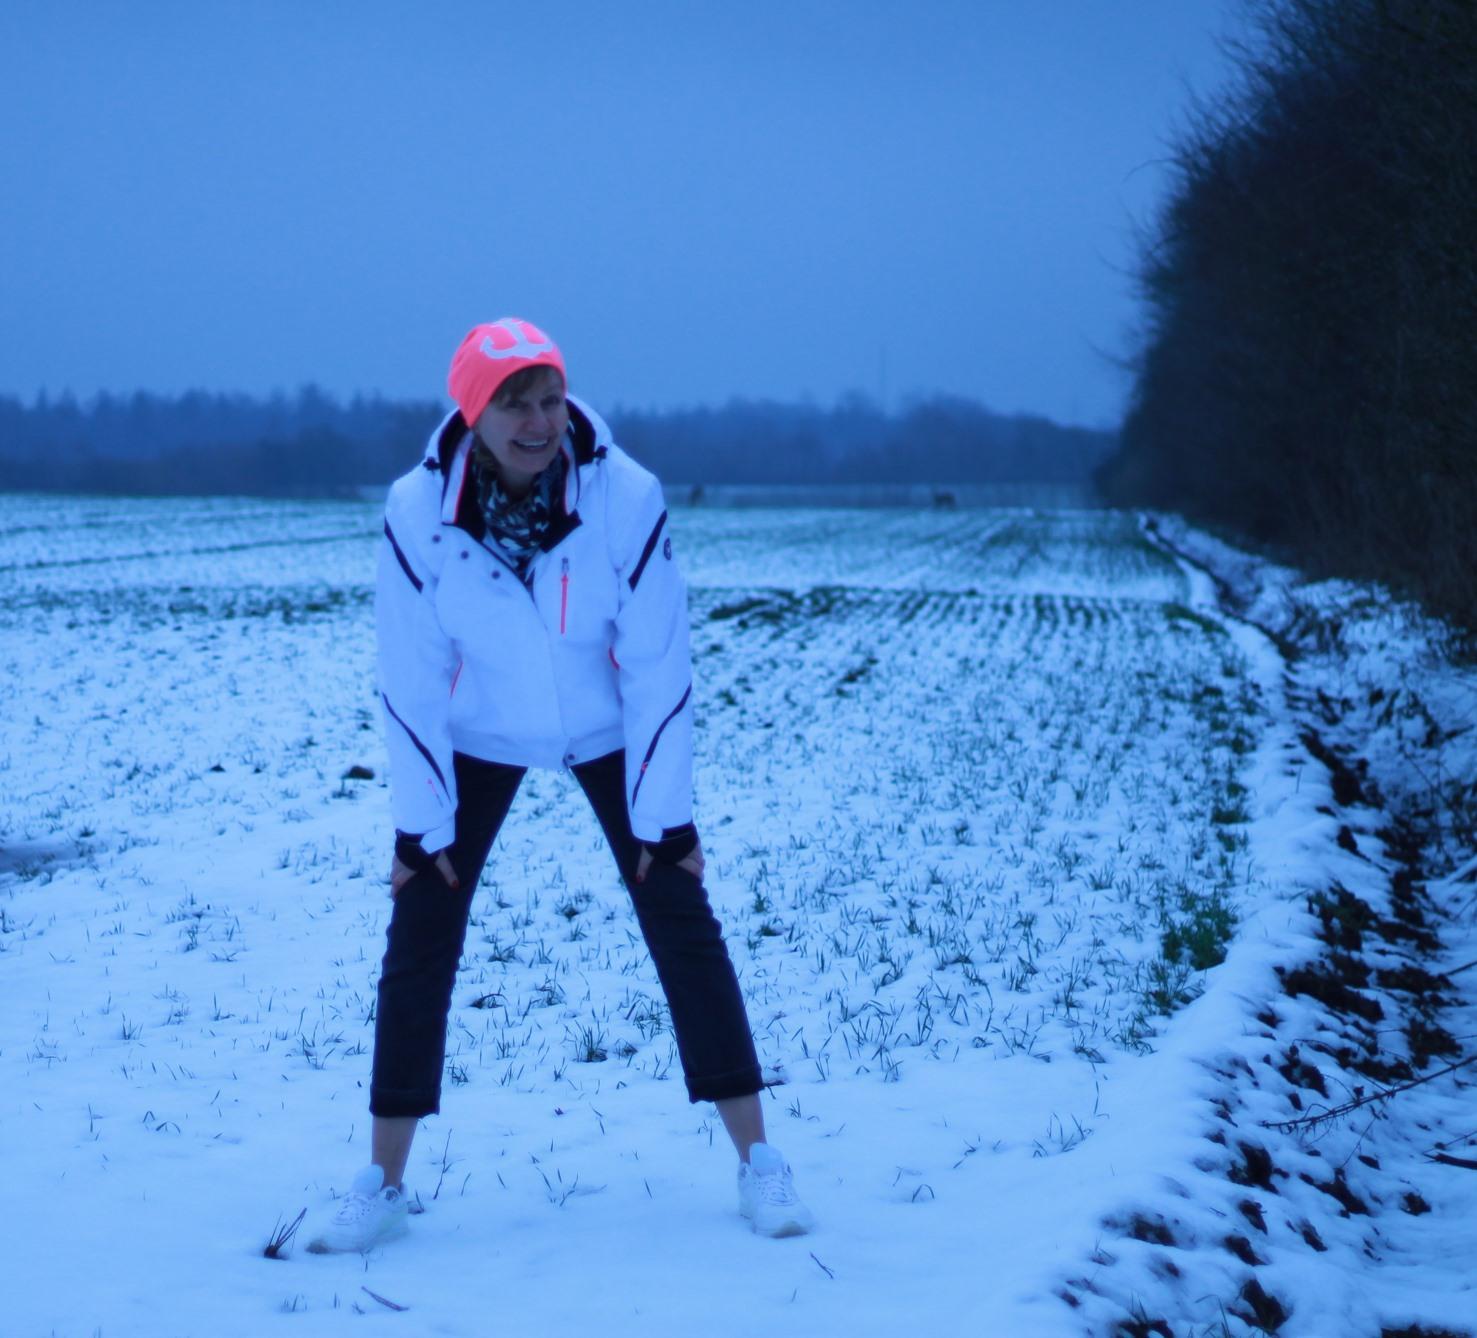 Feld Schnee weisse Jacke Muetze pink mit anker rehe in der ferne